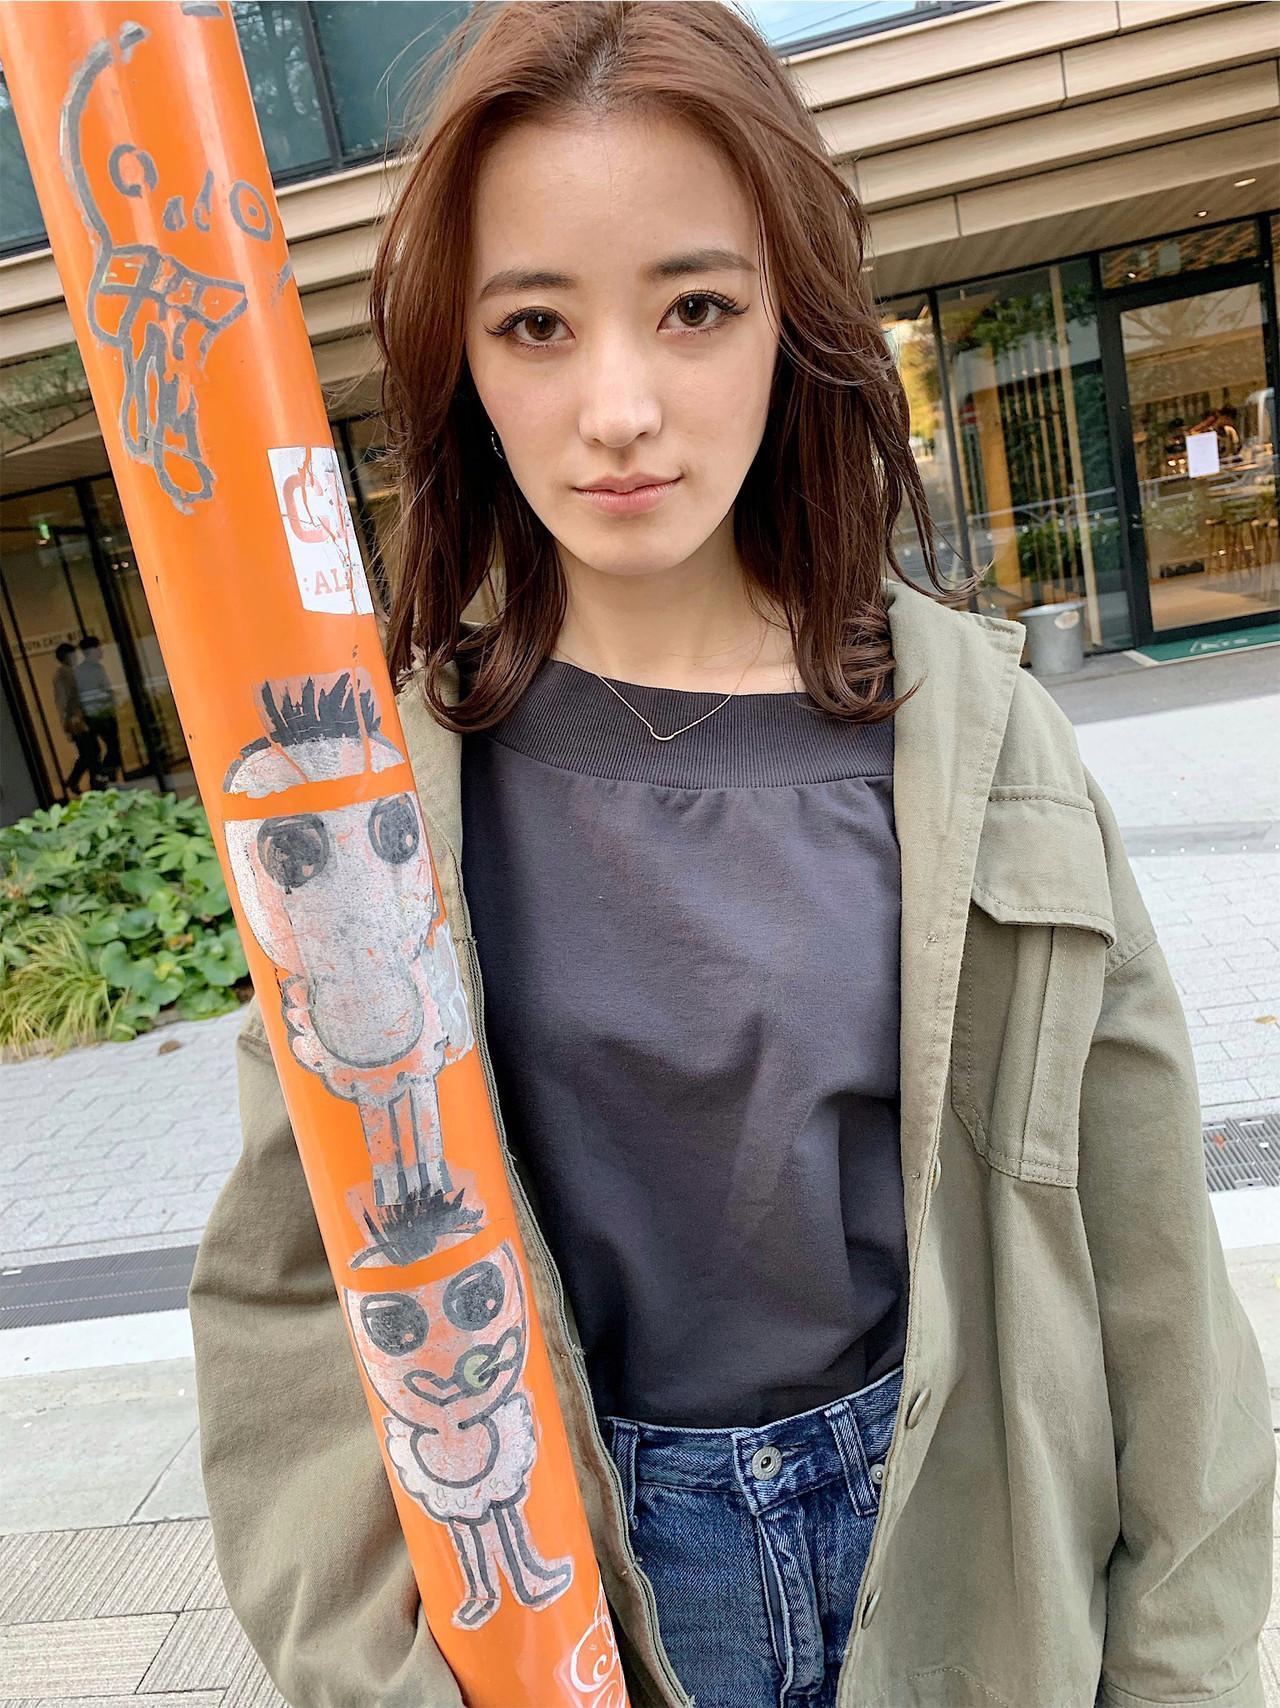 ミディアム ナチュラル デート センターパート ヘアスタイルや髪型の写真・画像